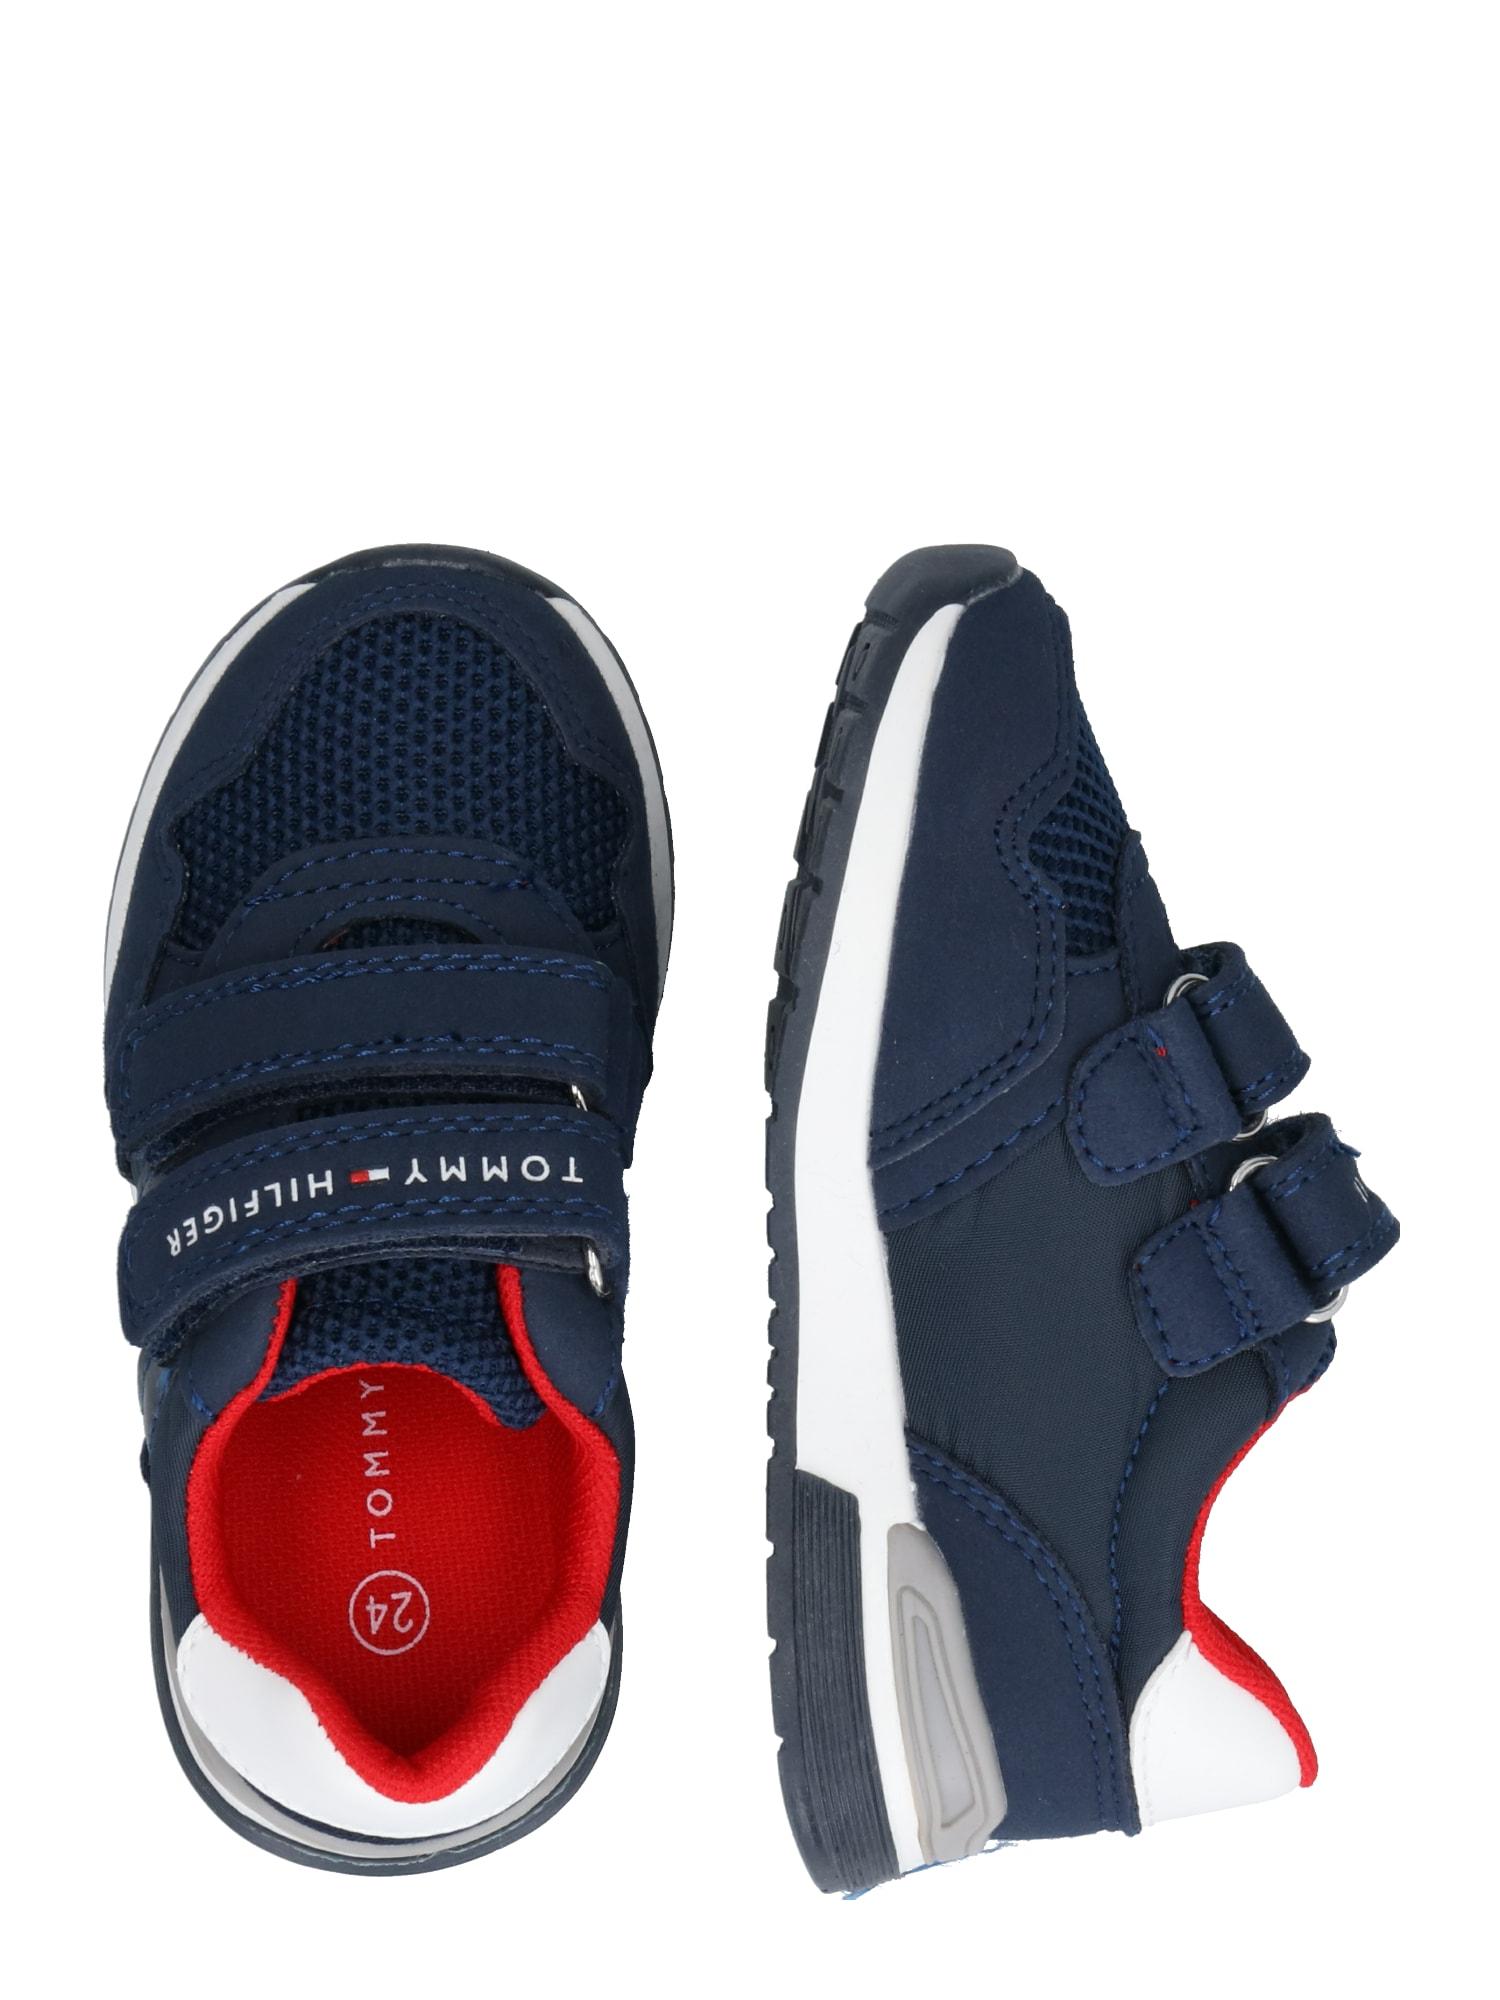 TOMMY HILFIGER Baskets  bleu marine / blanc / rouge